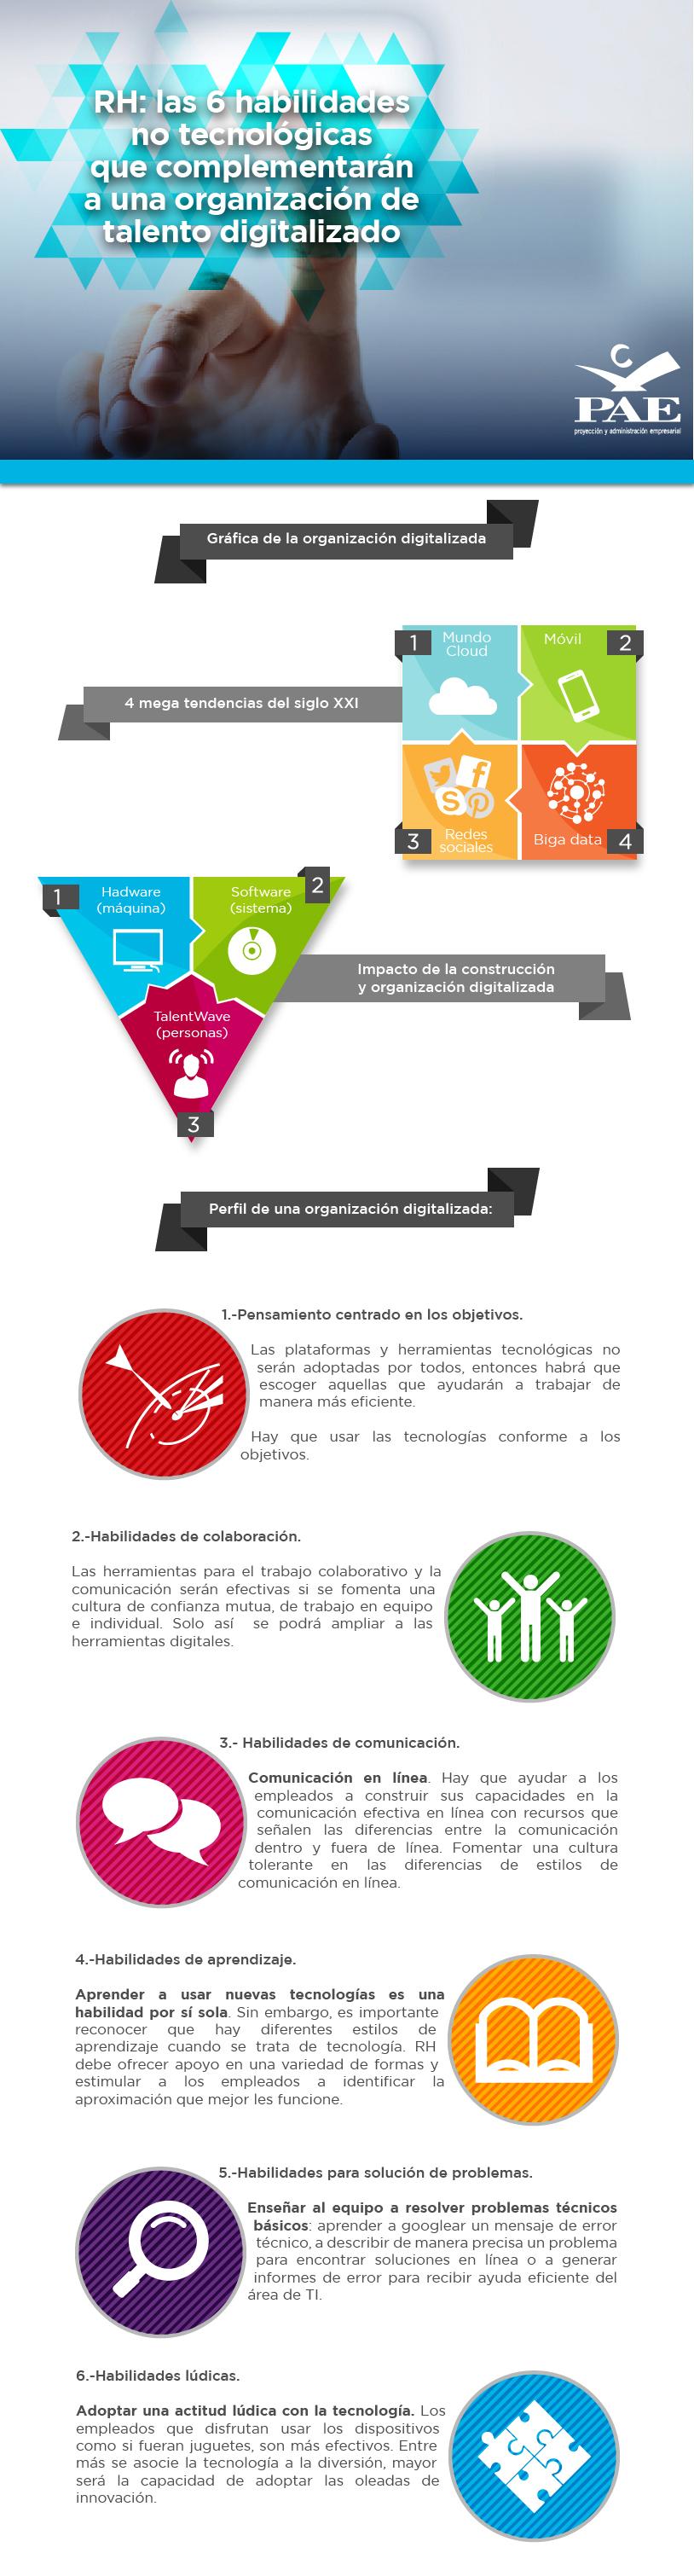 #PAEMX 6 nuevas competencias digitales